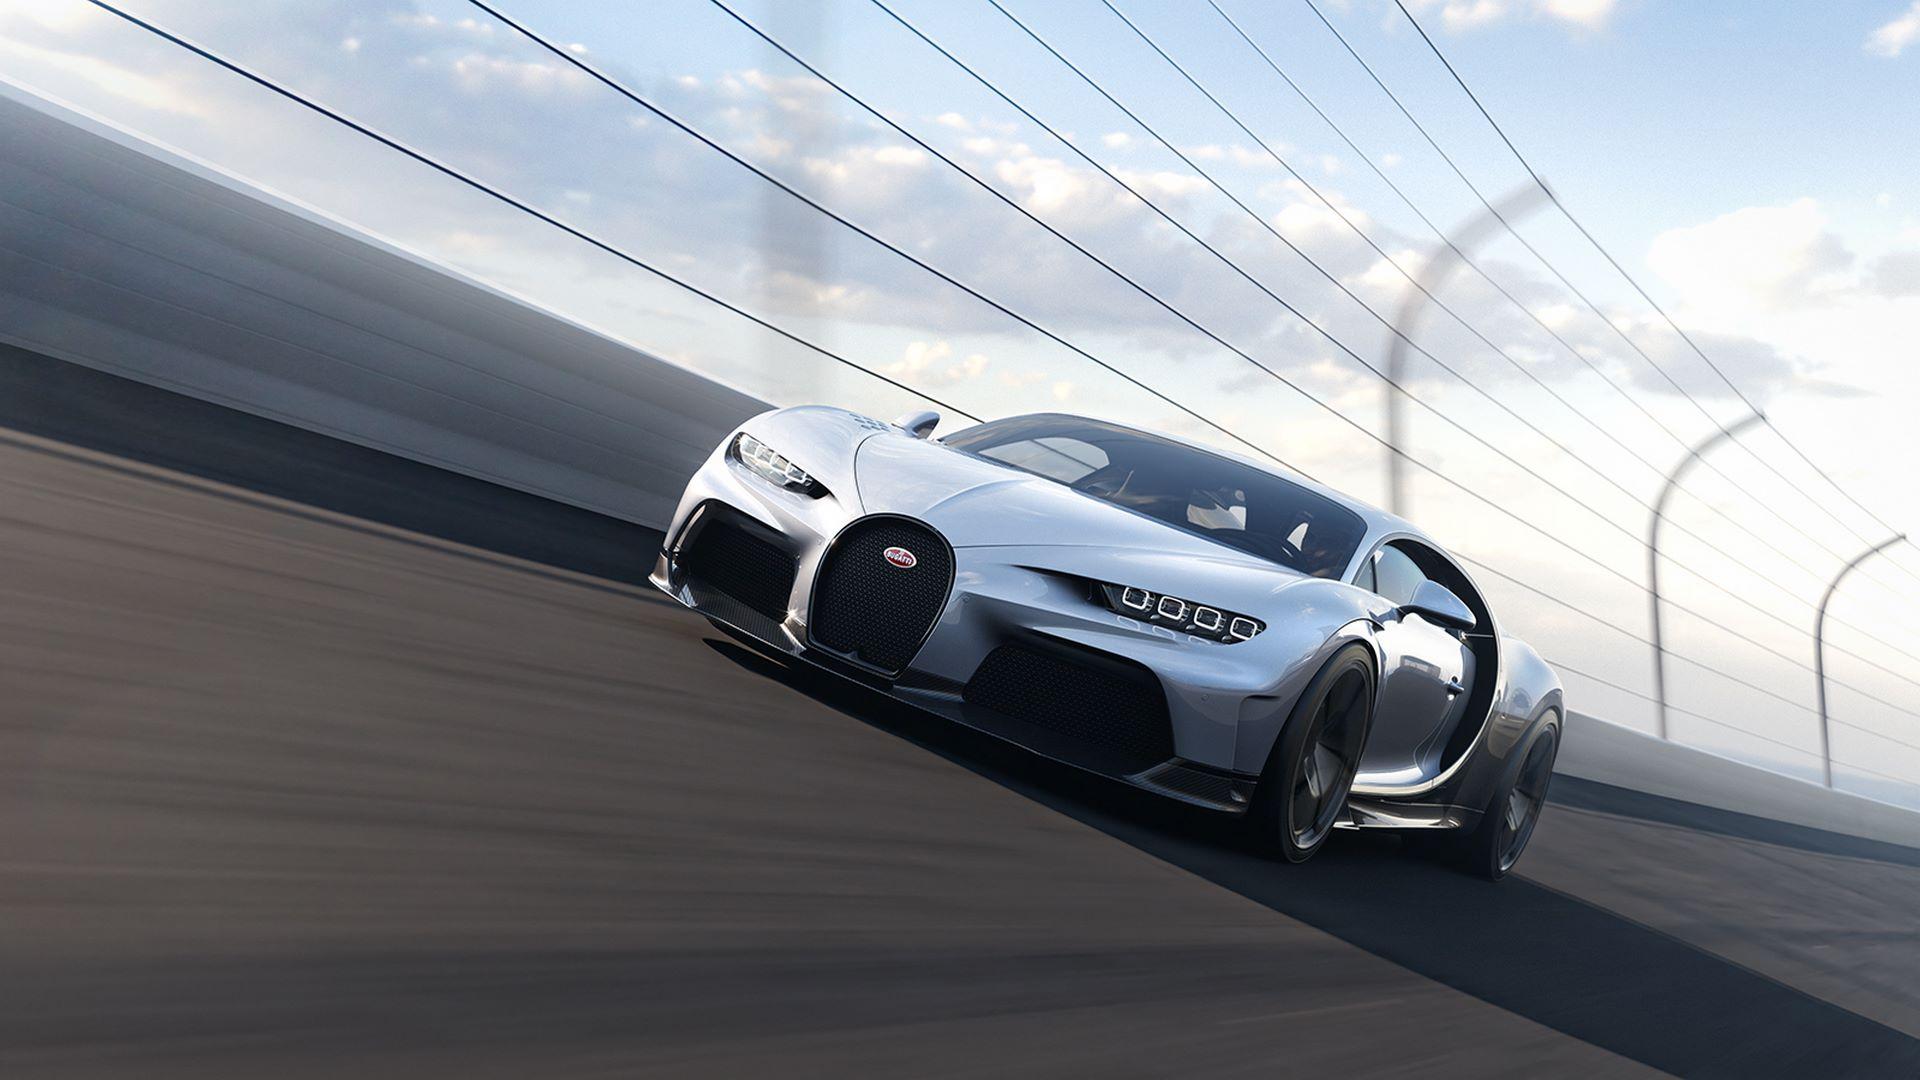 02_01_bugatti_chiron_super_sport_high_speed_front